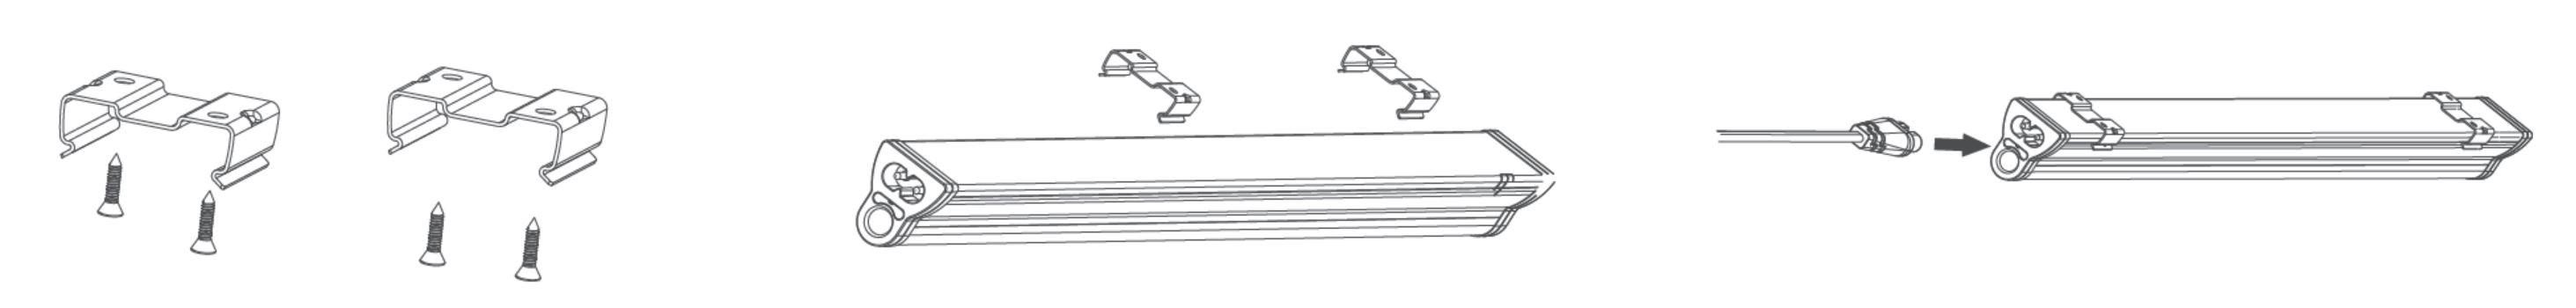 LED Lichtleiste T5 Driver integriert | Smart mit LED - SML